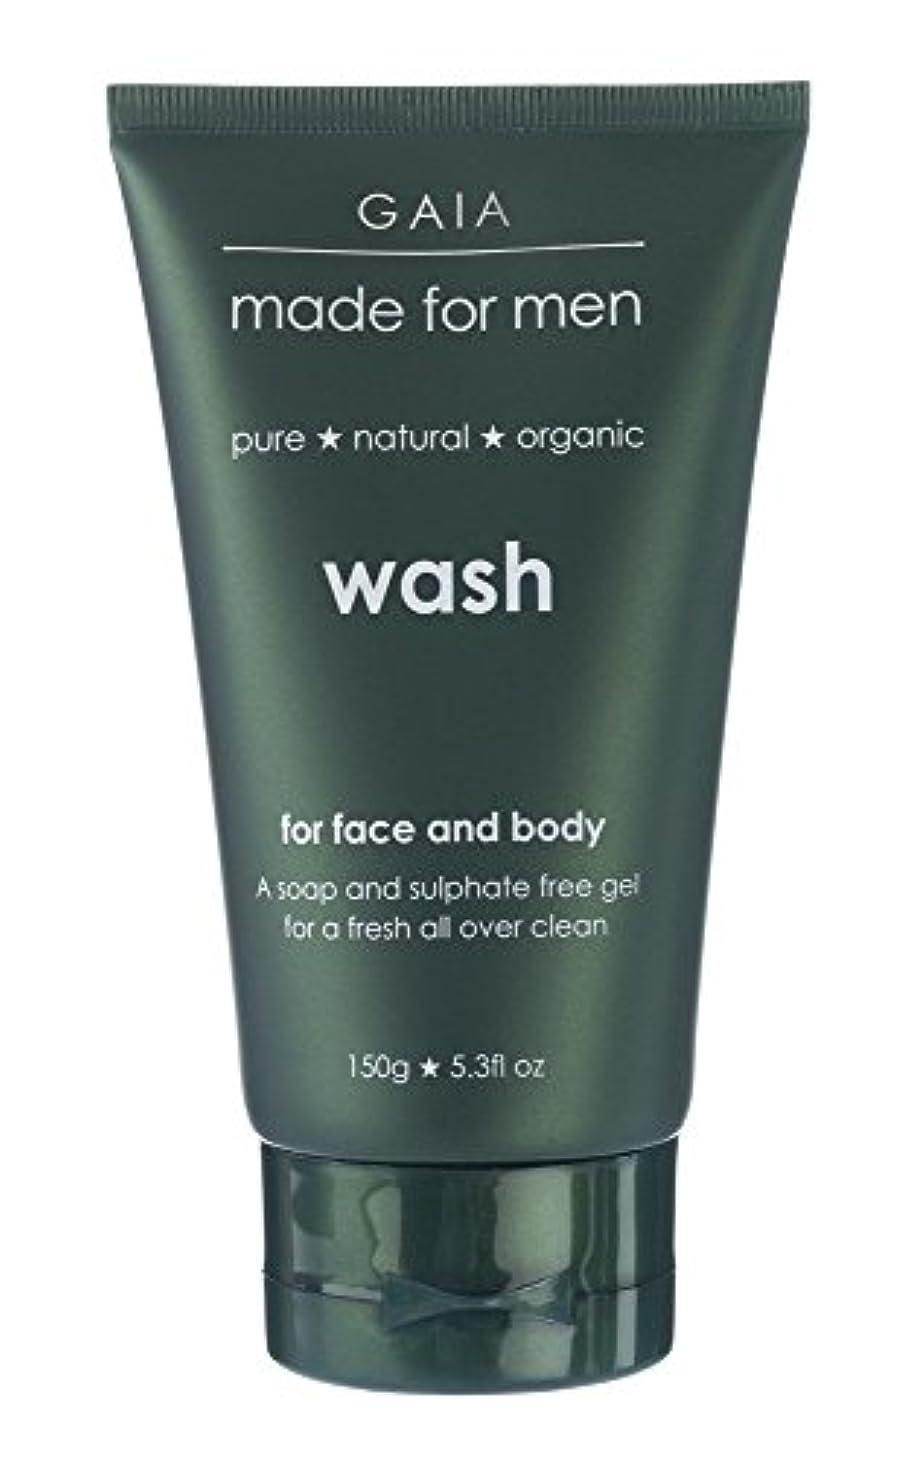 否認する料理をする結論【GAIA】Face & Body Wash made for men ガイア メンズ フェイス&ボディウォッシュ 150g 3本セット